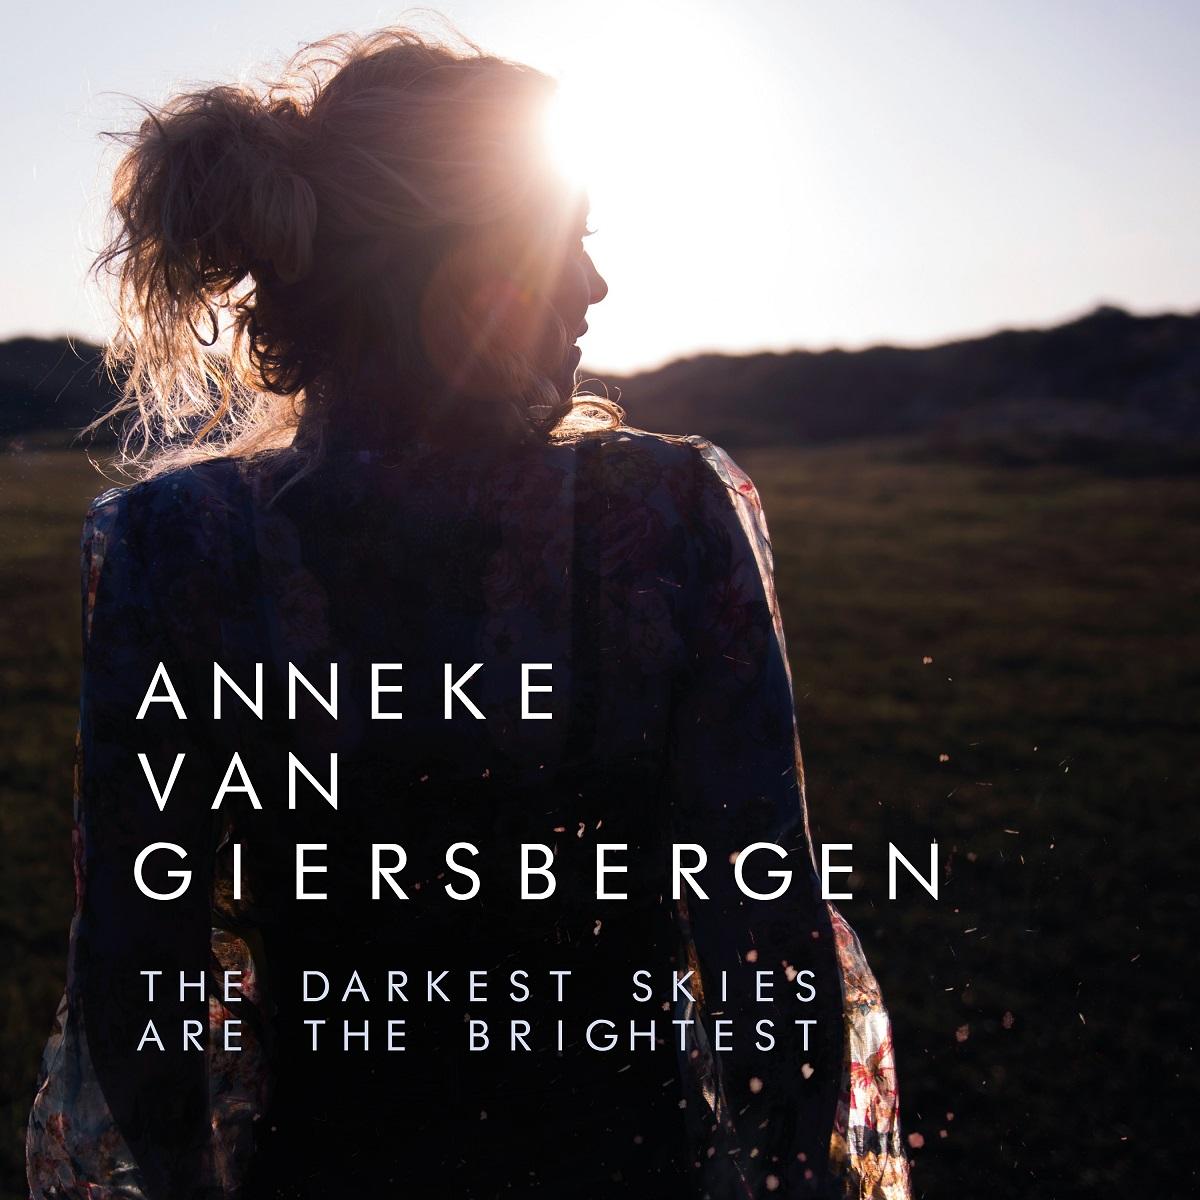 Review: Anneke Van Giersbergen – The Darkest Skies Are The Brightest